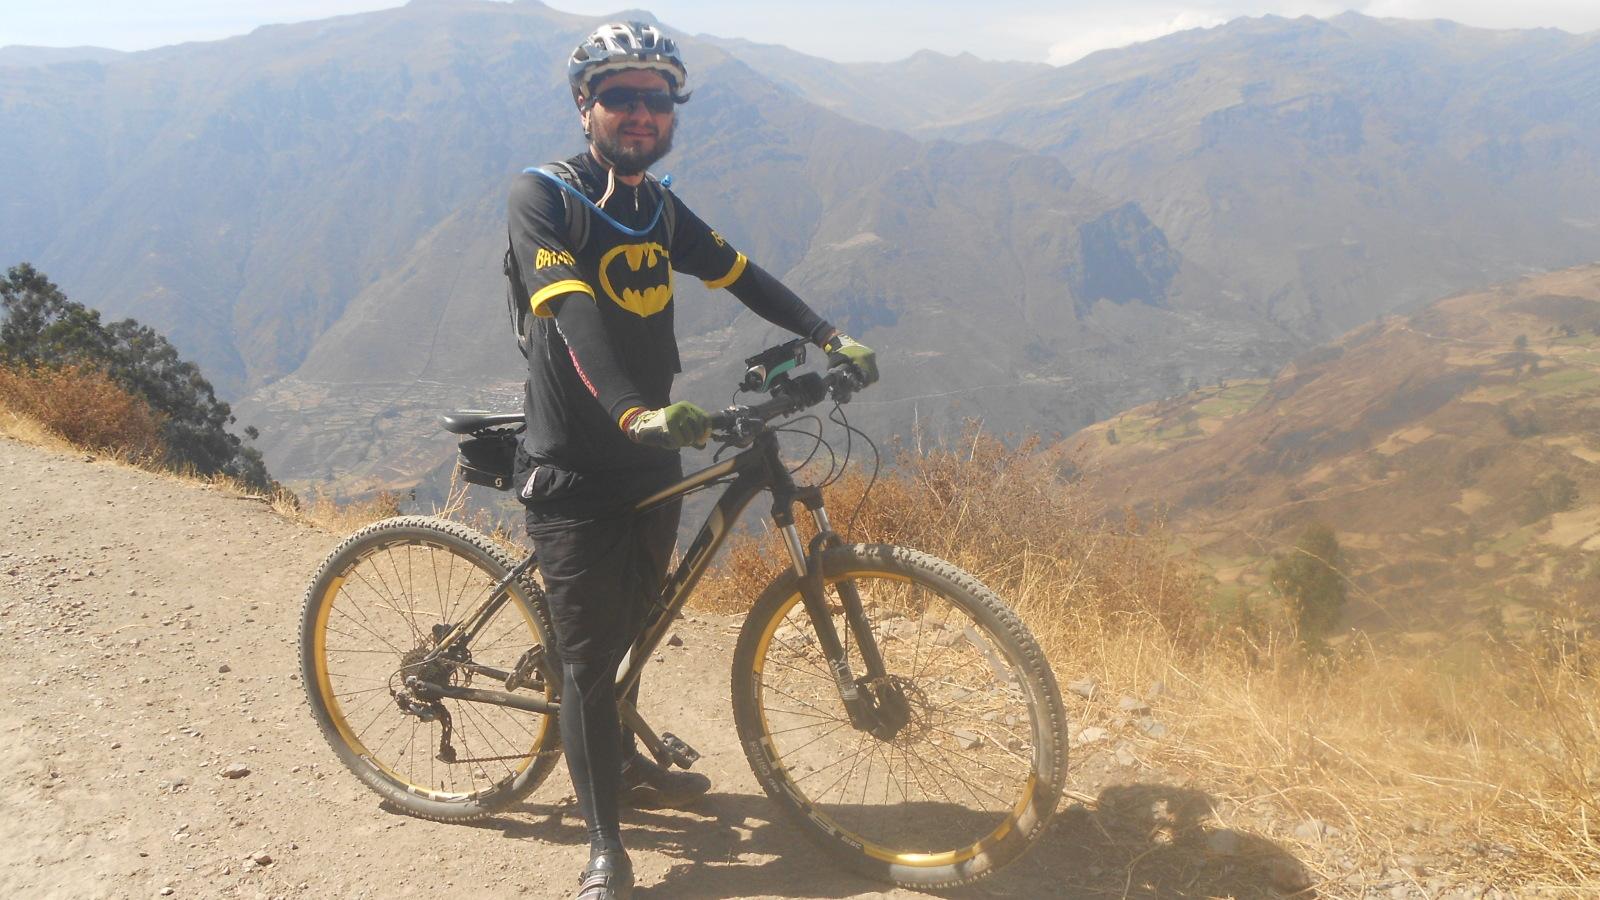 ¿Cómo es tu bicicleta deportiva y cómo la tienes configurada? Mm74gw